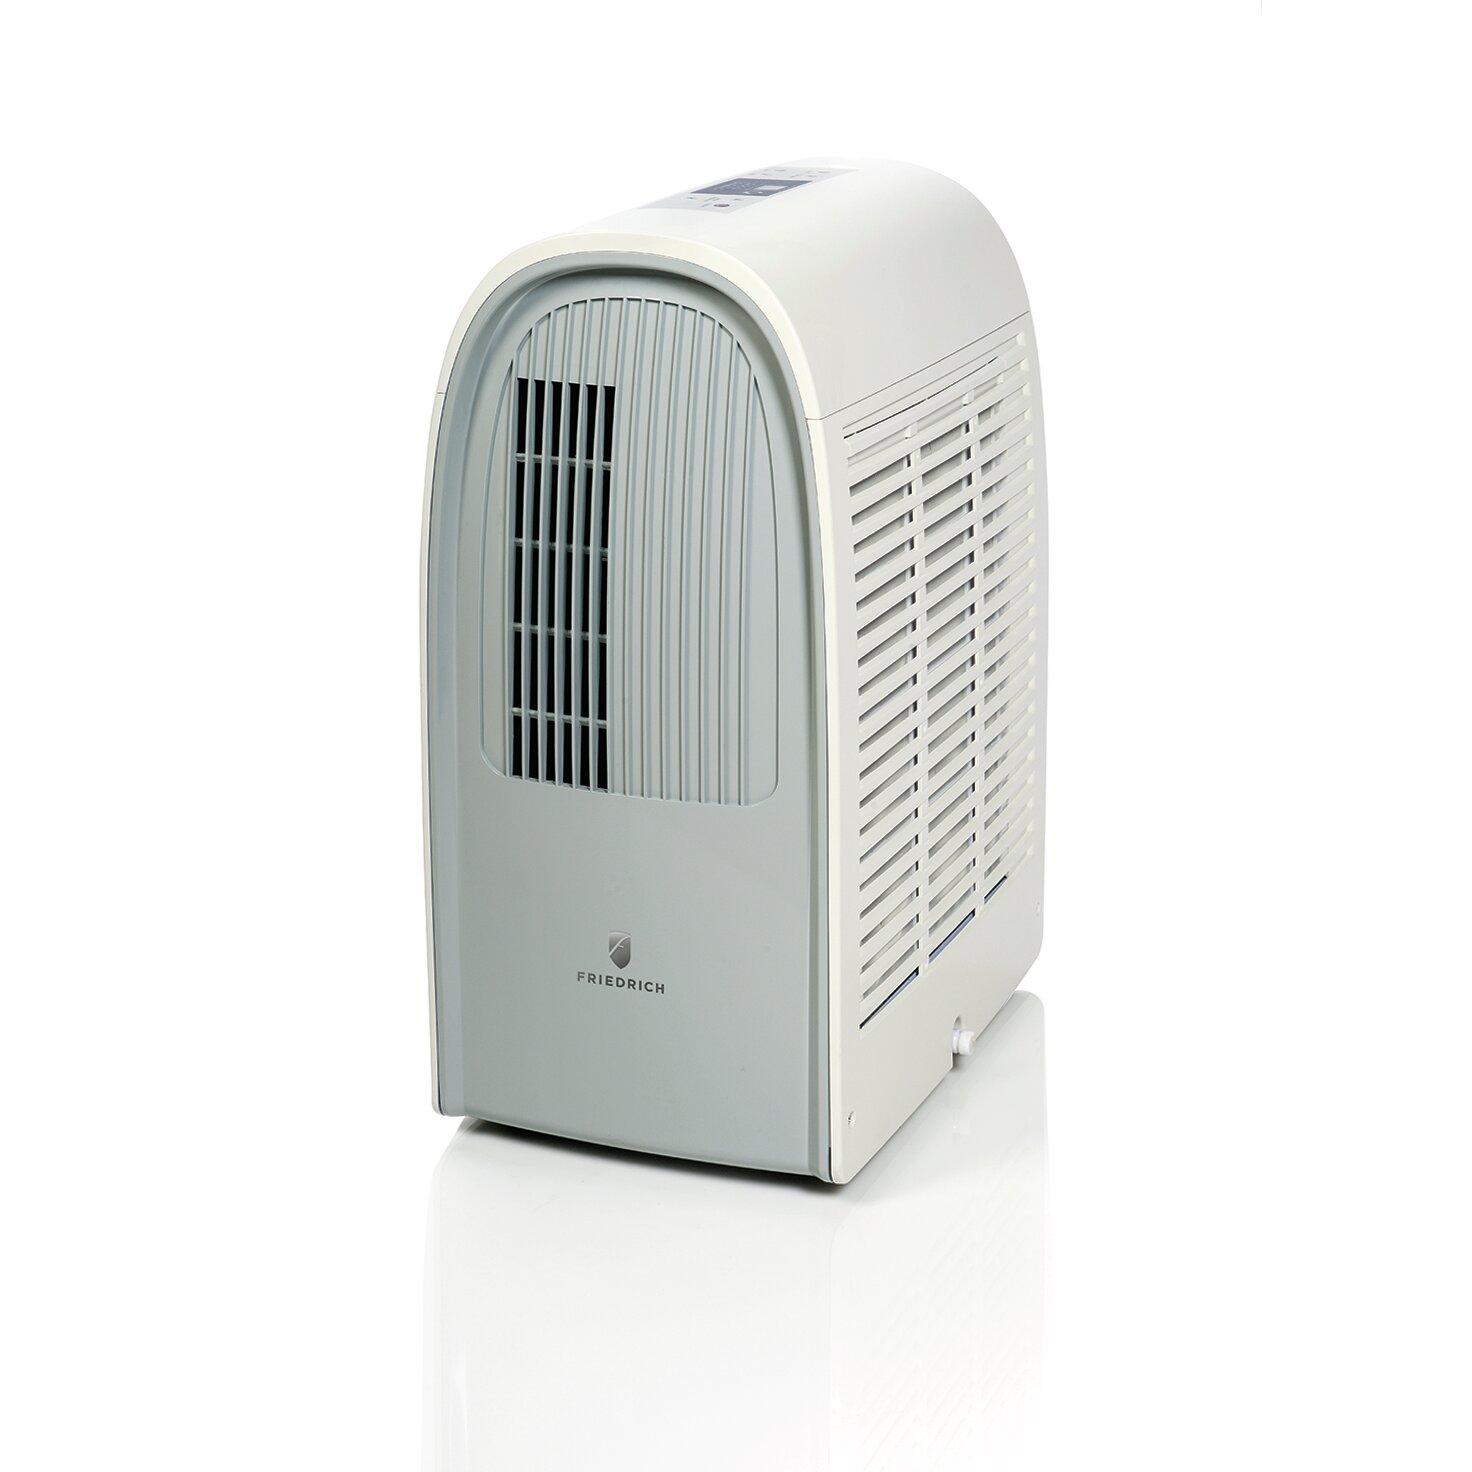 Friedrich Zoneaire 174 10000 Btu Portable Air Conditioner